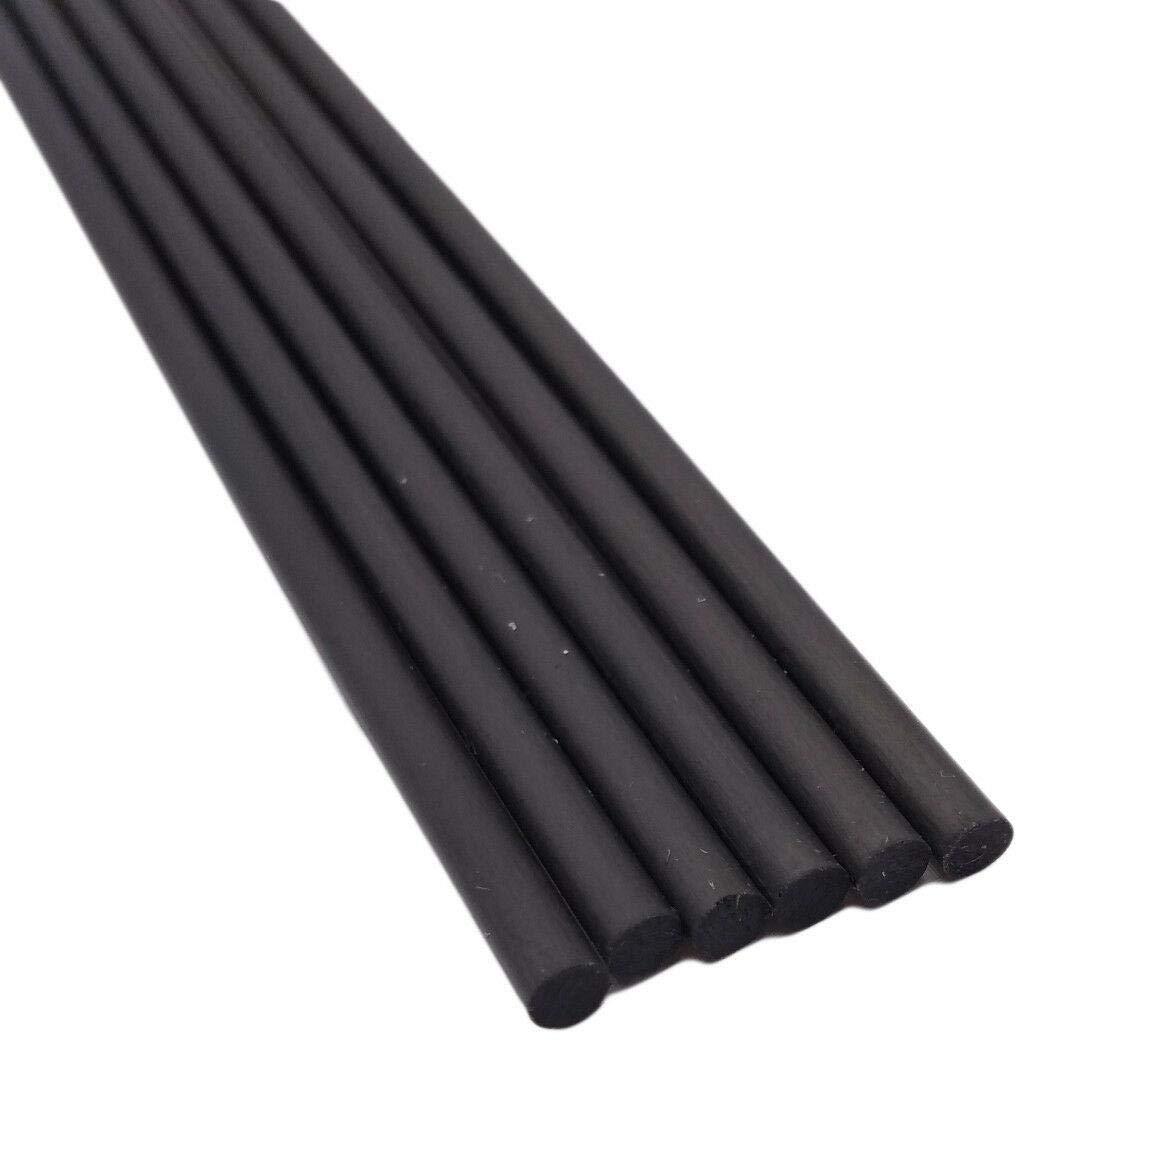 6pcs Diameter 0.8mm Long 13 inch Carbon Fiber Rods Pole